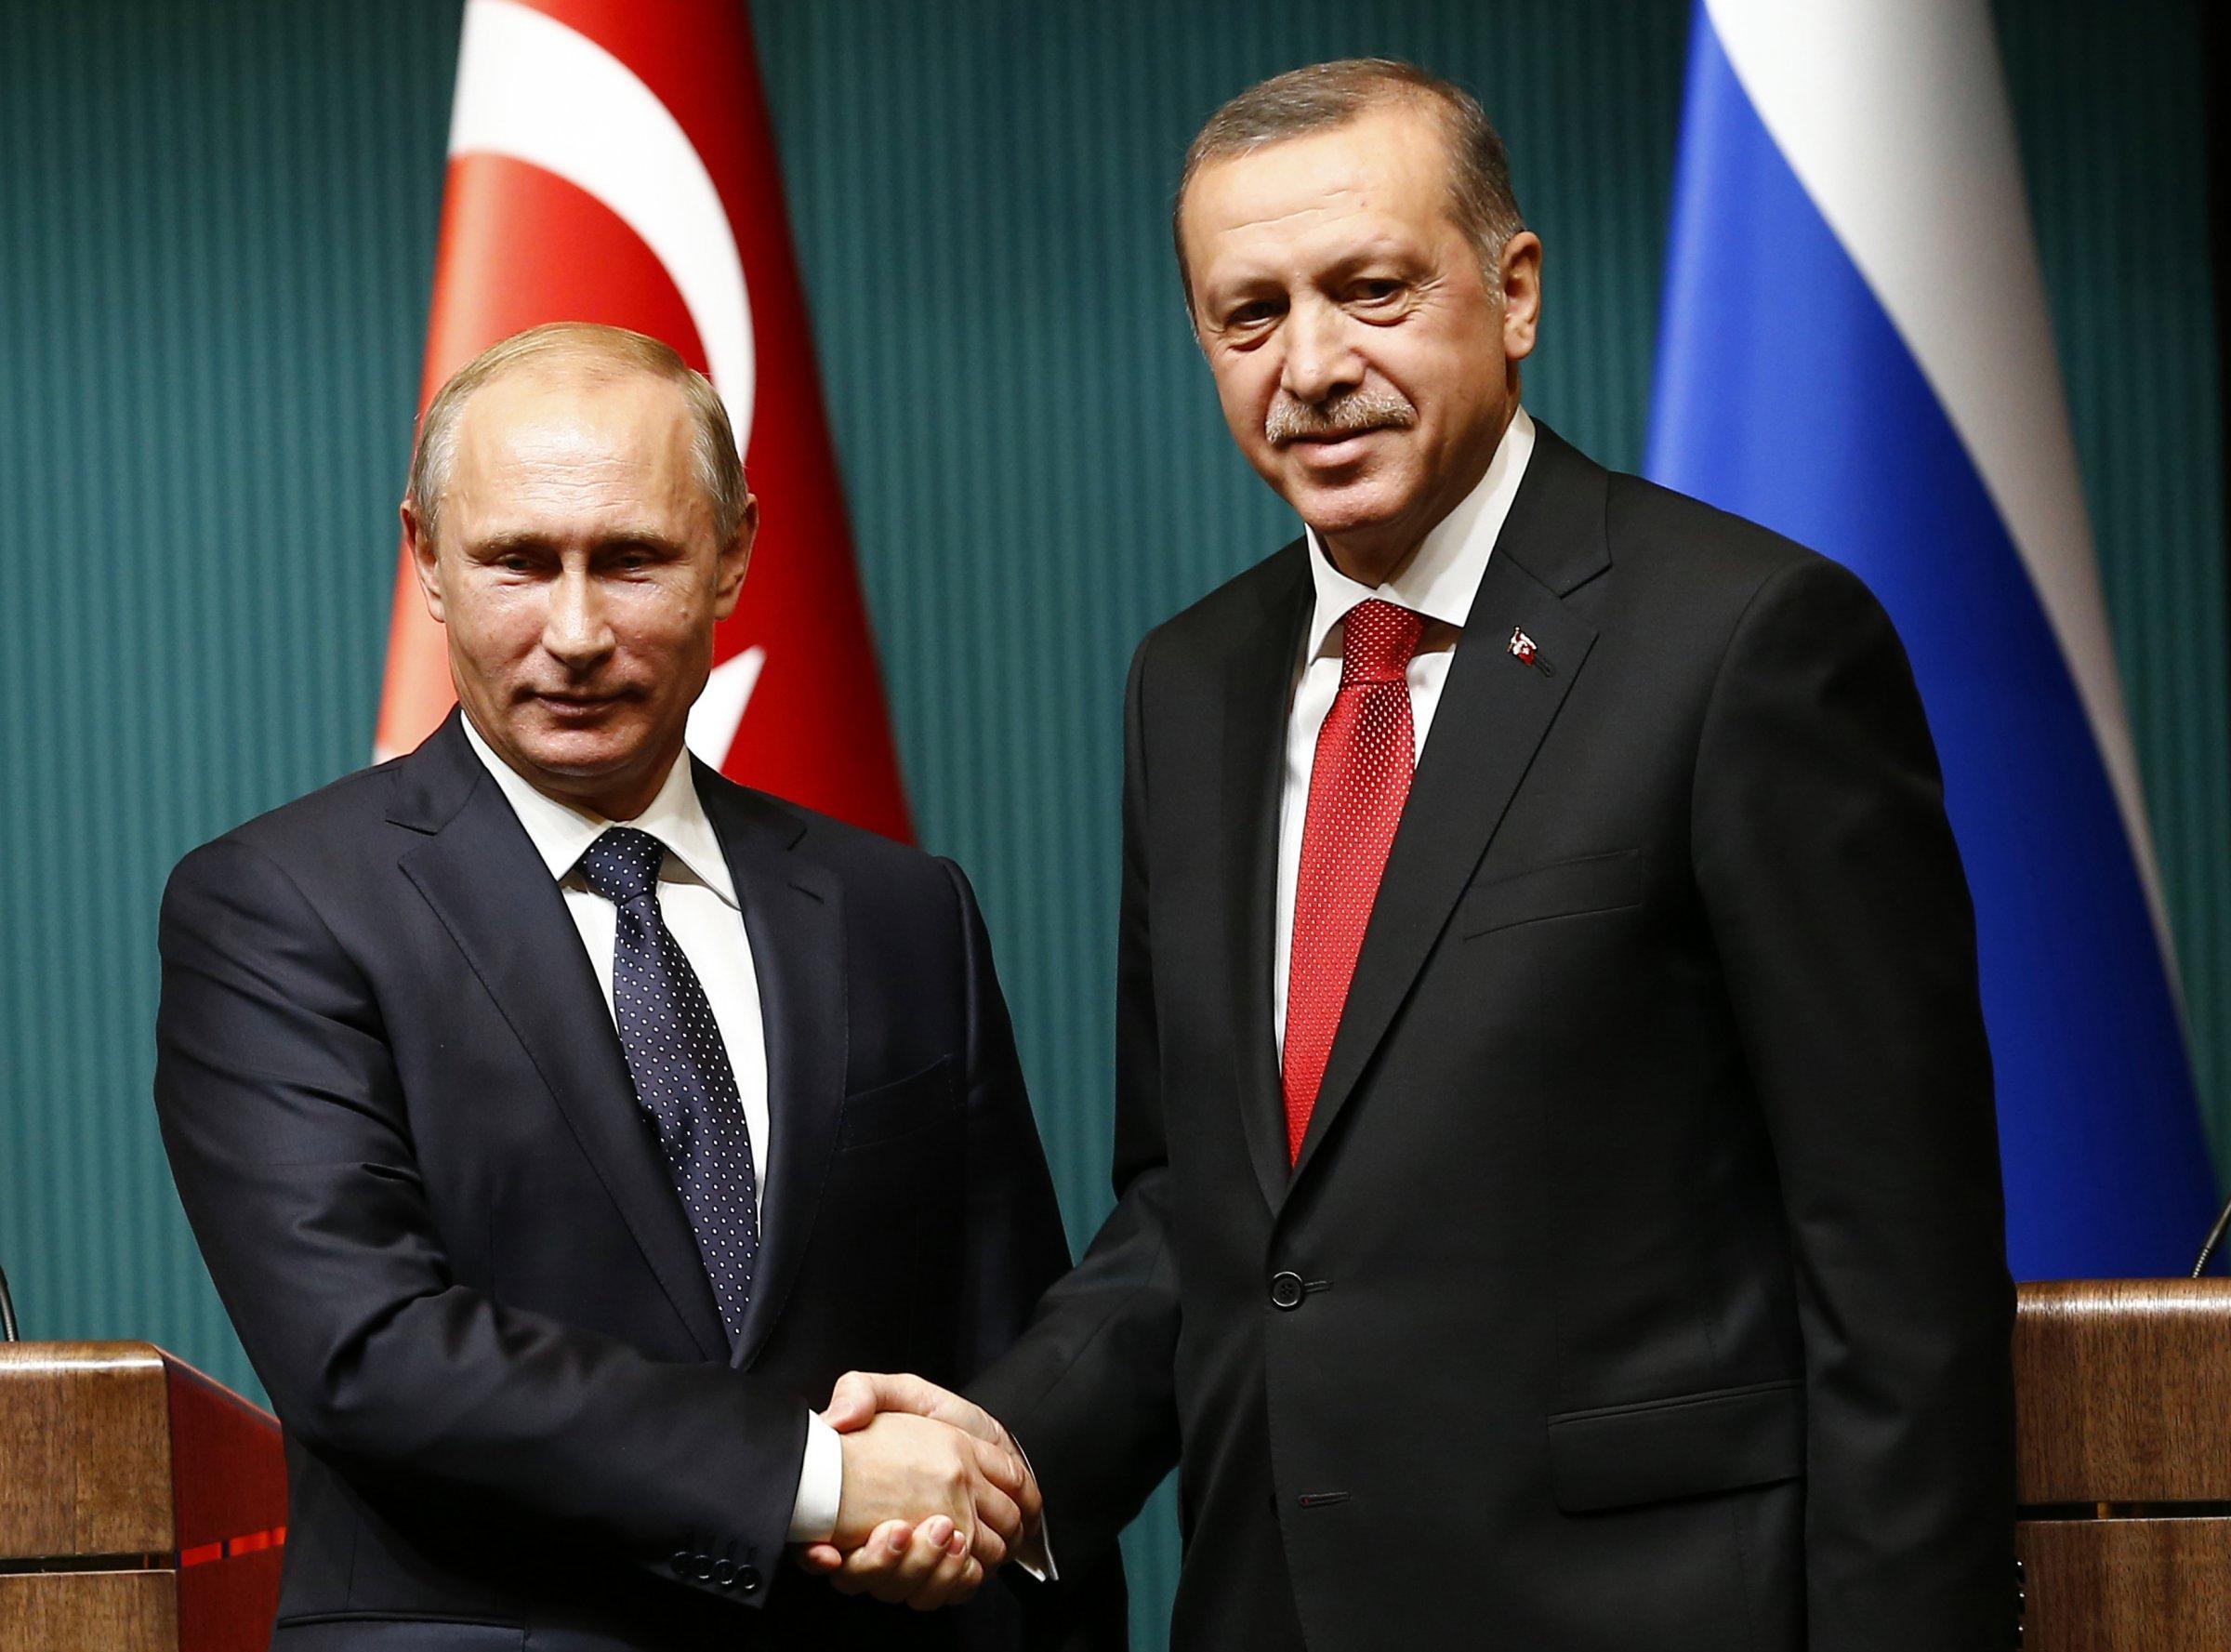 Ռուսաստանի և Թուրքիայի հարաբերությունների վատթարացումը Հայաստանի վրա շատ վատ կանդրադառնա